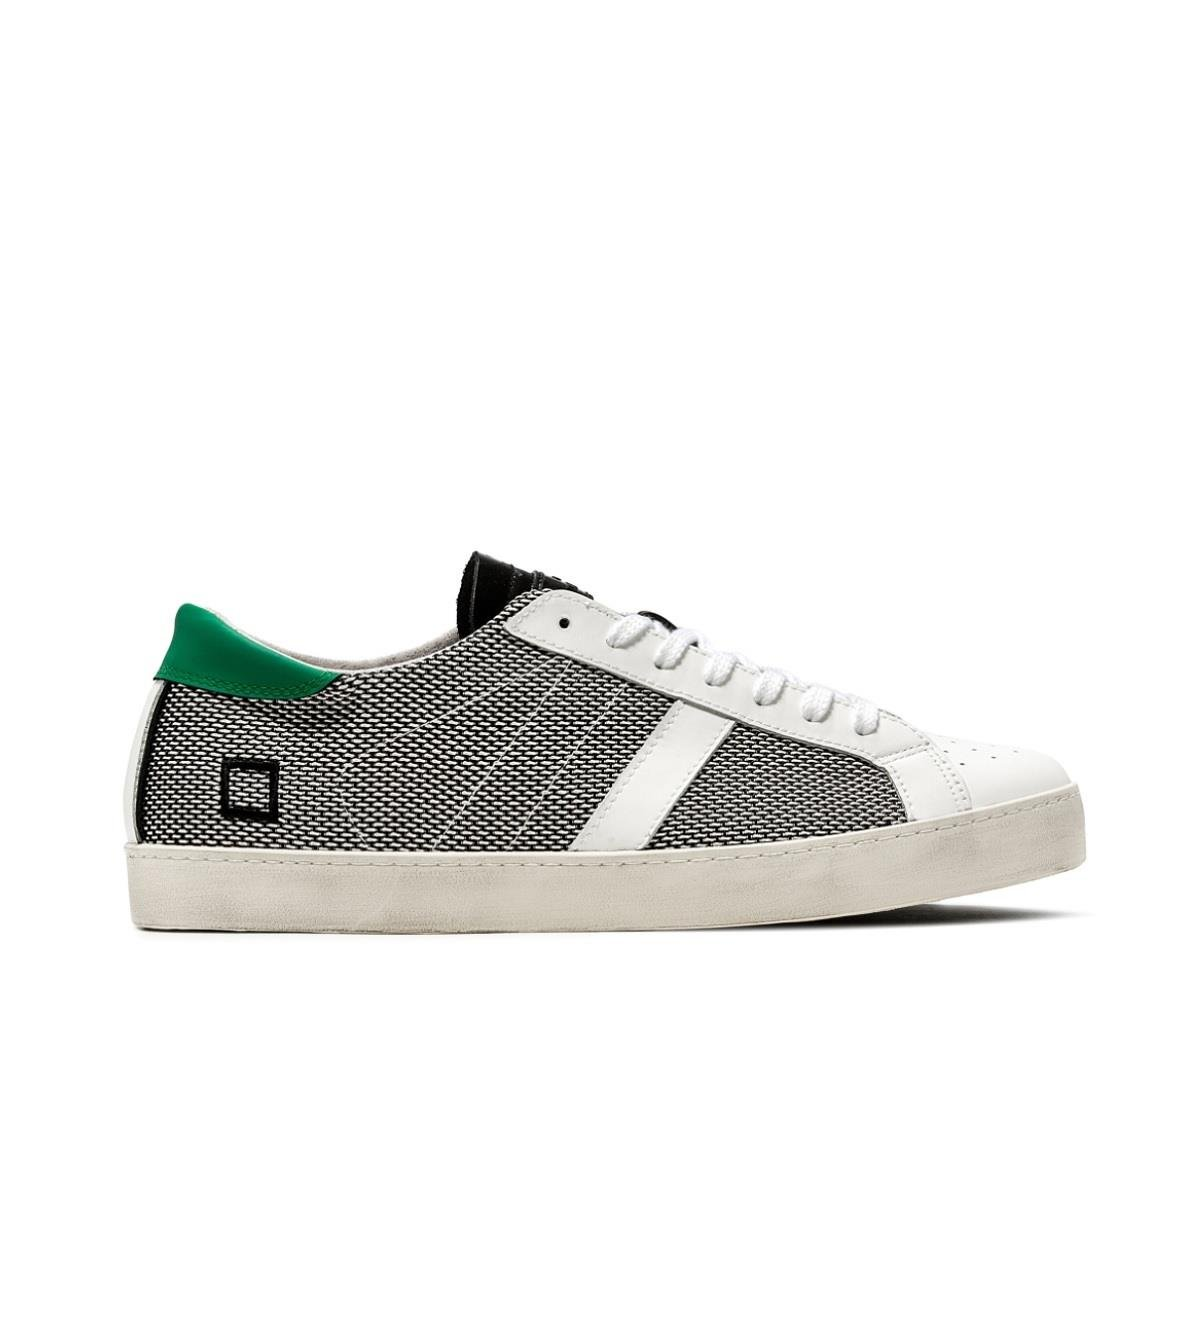 Date Sneaker Hill Low Argegno in Tessuto e Pelle Bianca e Nera  44 EU|Schwarz